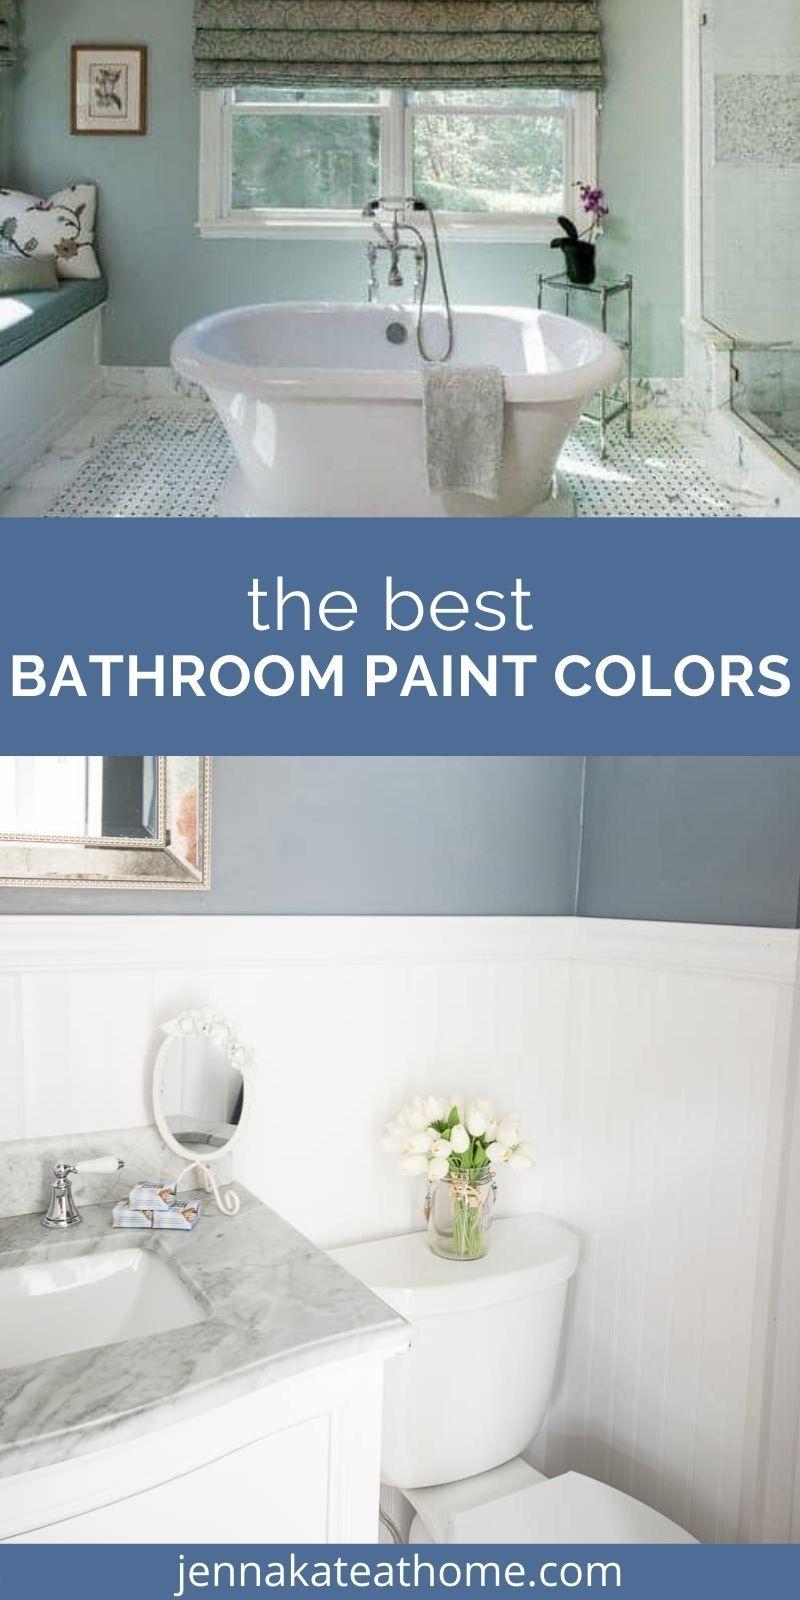 The Best Bathroom Paint Colors In 2021 Best Bathroom Paint Colors Bathroom Paint Colors Small Bathroom Paint Colors [ jpg ]